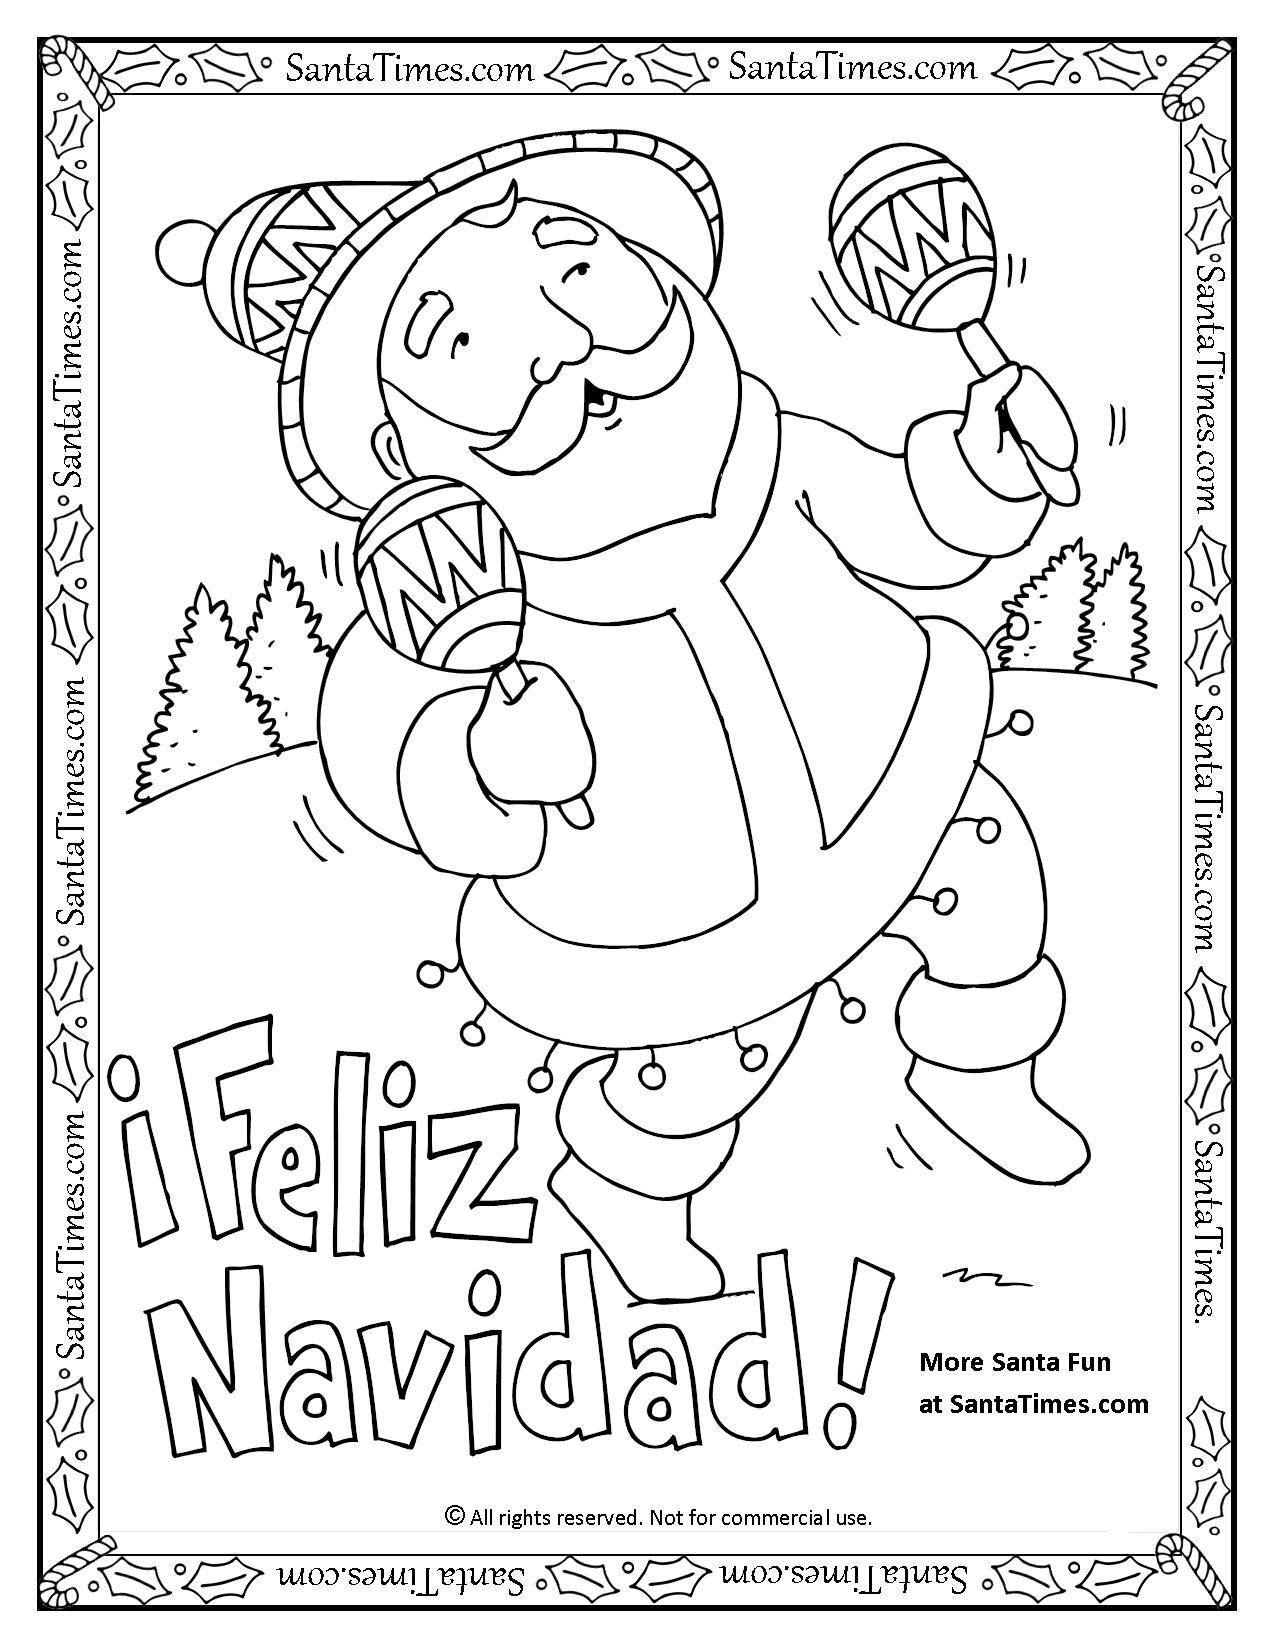 Feliz Navidad Printable Coloring Page Papa Noel Quiere Desearles Una Feliz Navidad More